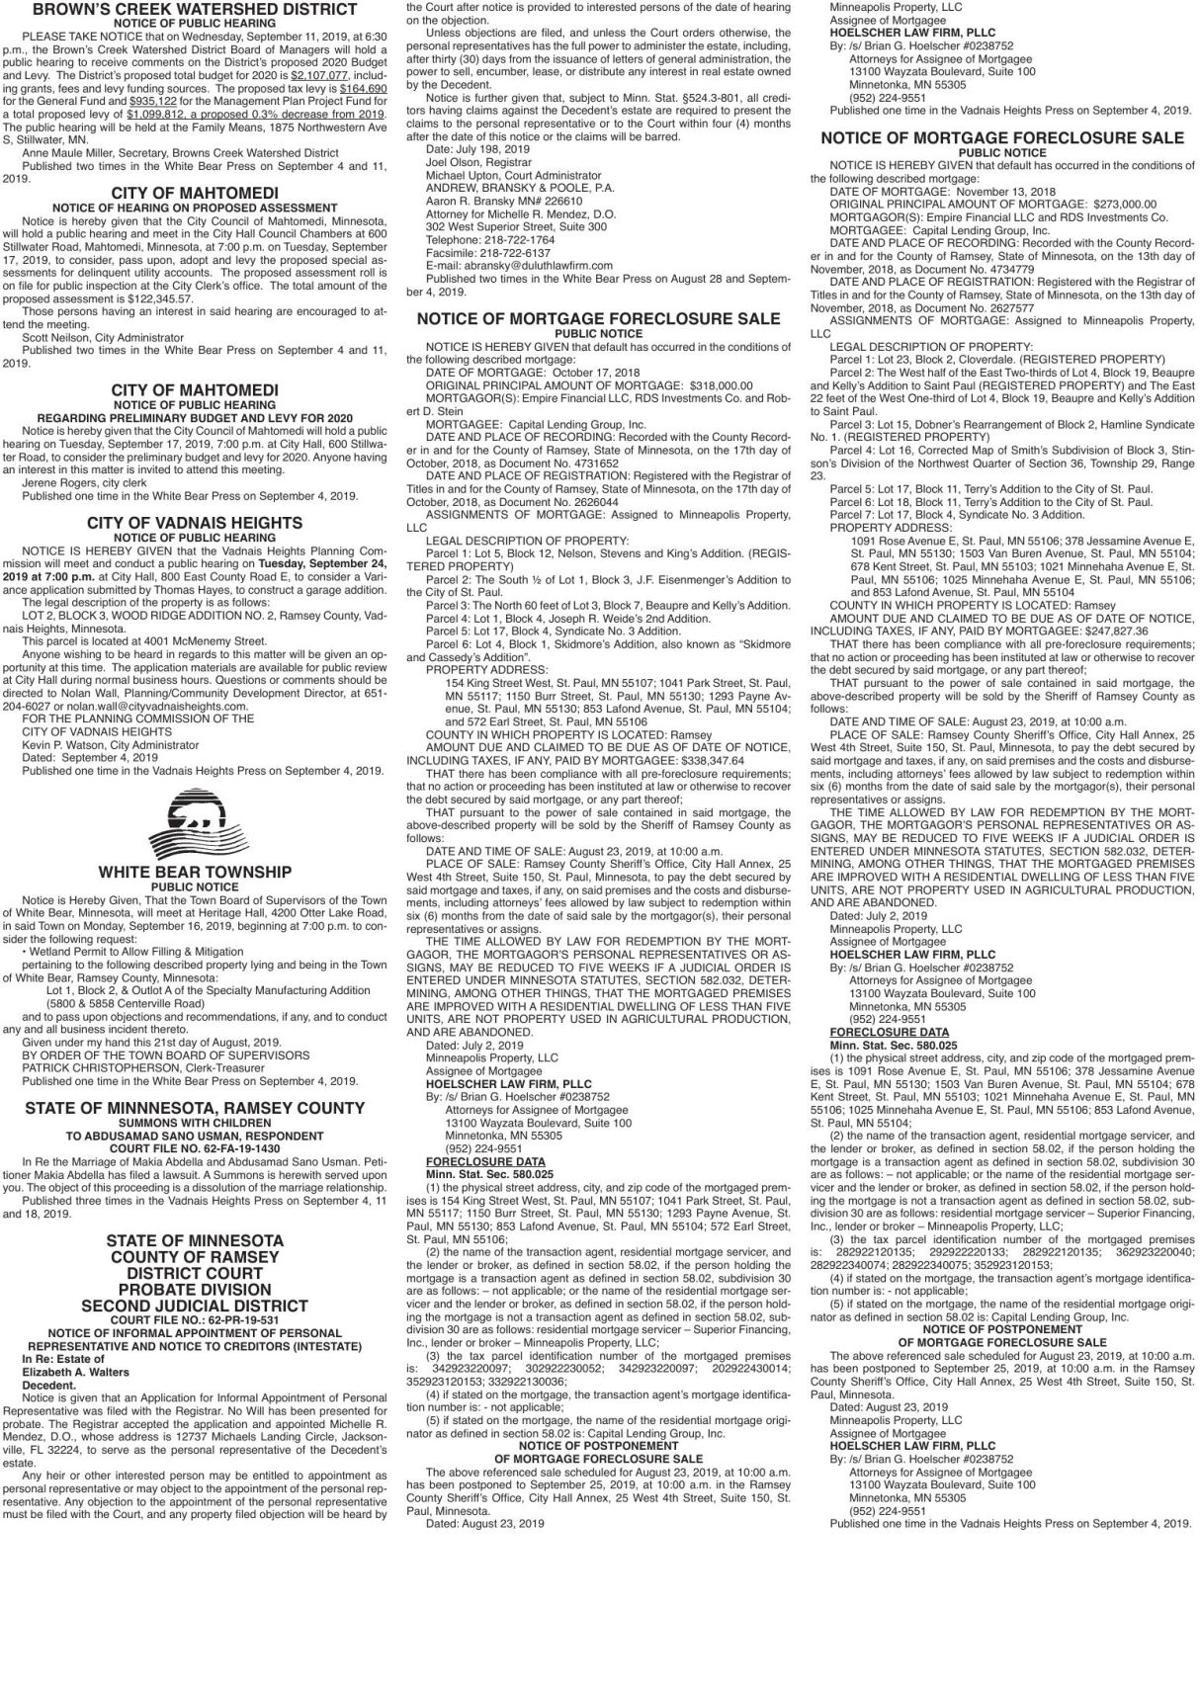 Legals WBVH 9-4-19